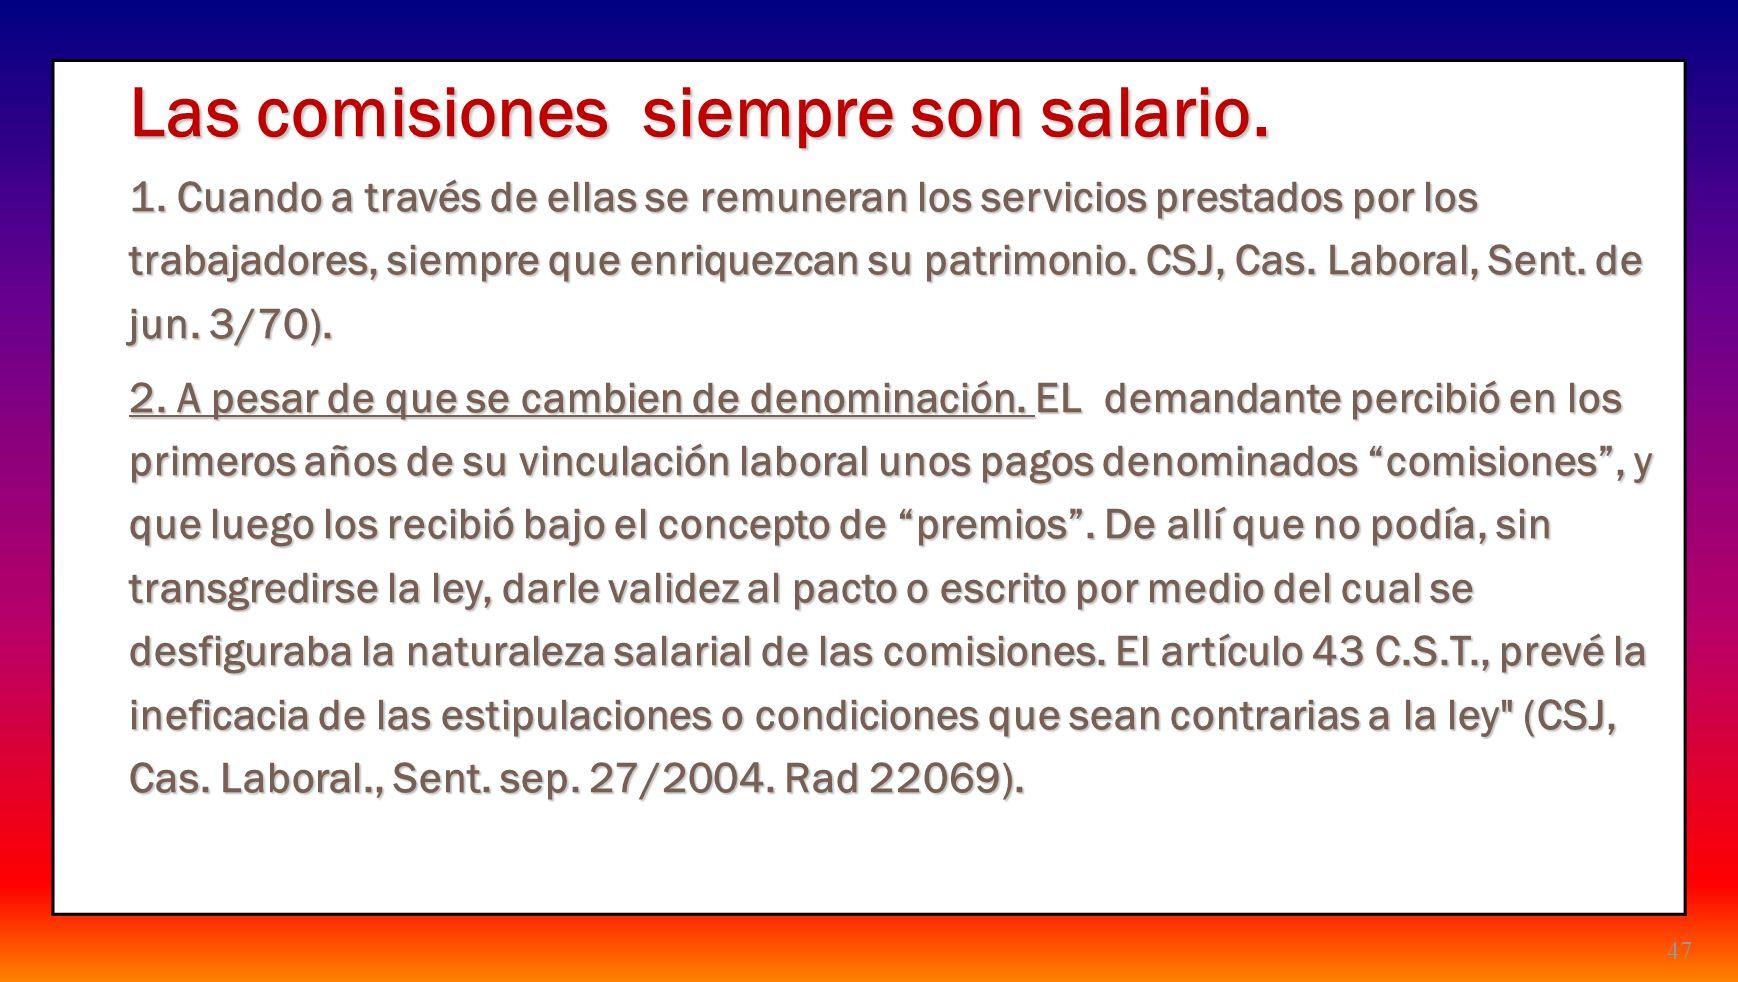 47 Las comisiones siempre son salario. 1. Cuando a través de ellas se remuneran los servicios prestados por los trabajadores, siempre que enriquezcan